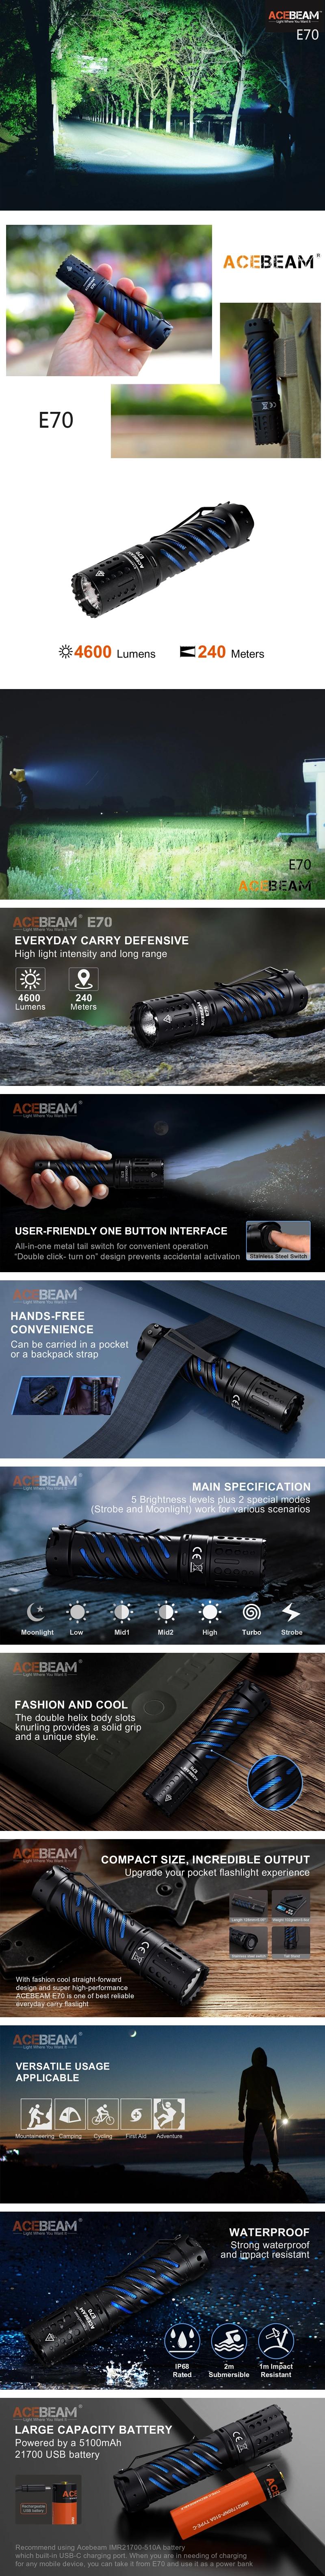 0【錸特光電】ACEBEAM E70 4600流明 240米 強光戰術手電筒 Cree XHP70.2 USB-C充電 21700鋰電池 E4K G15